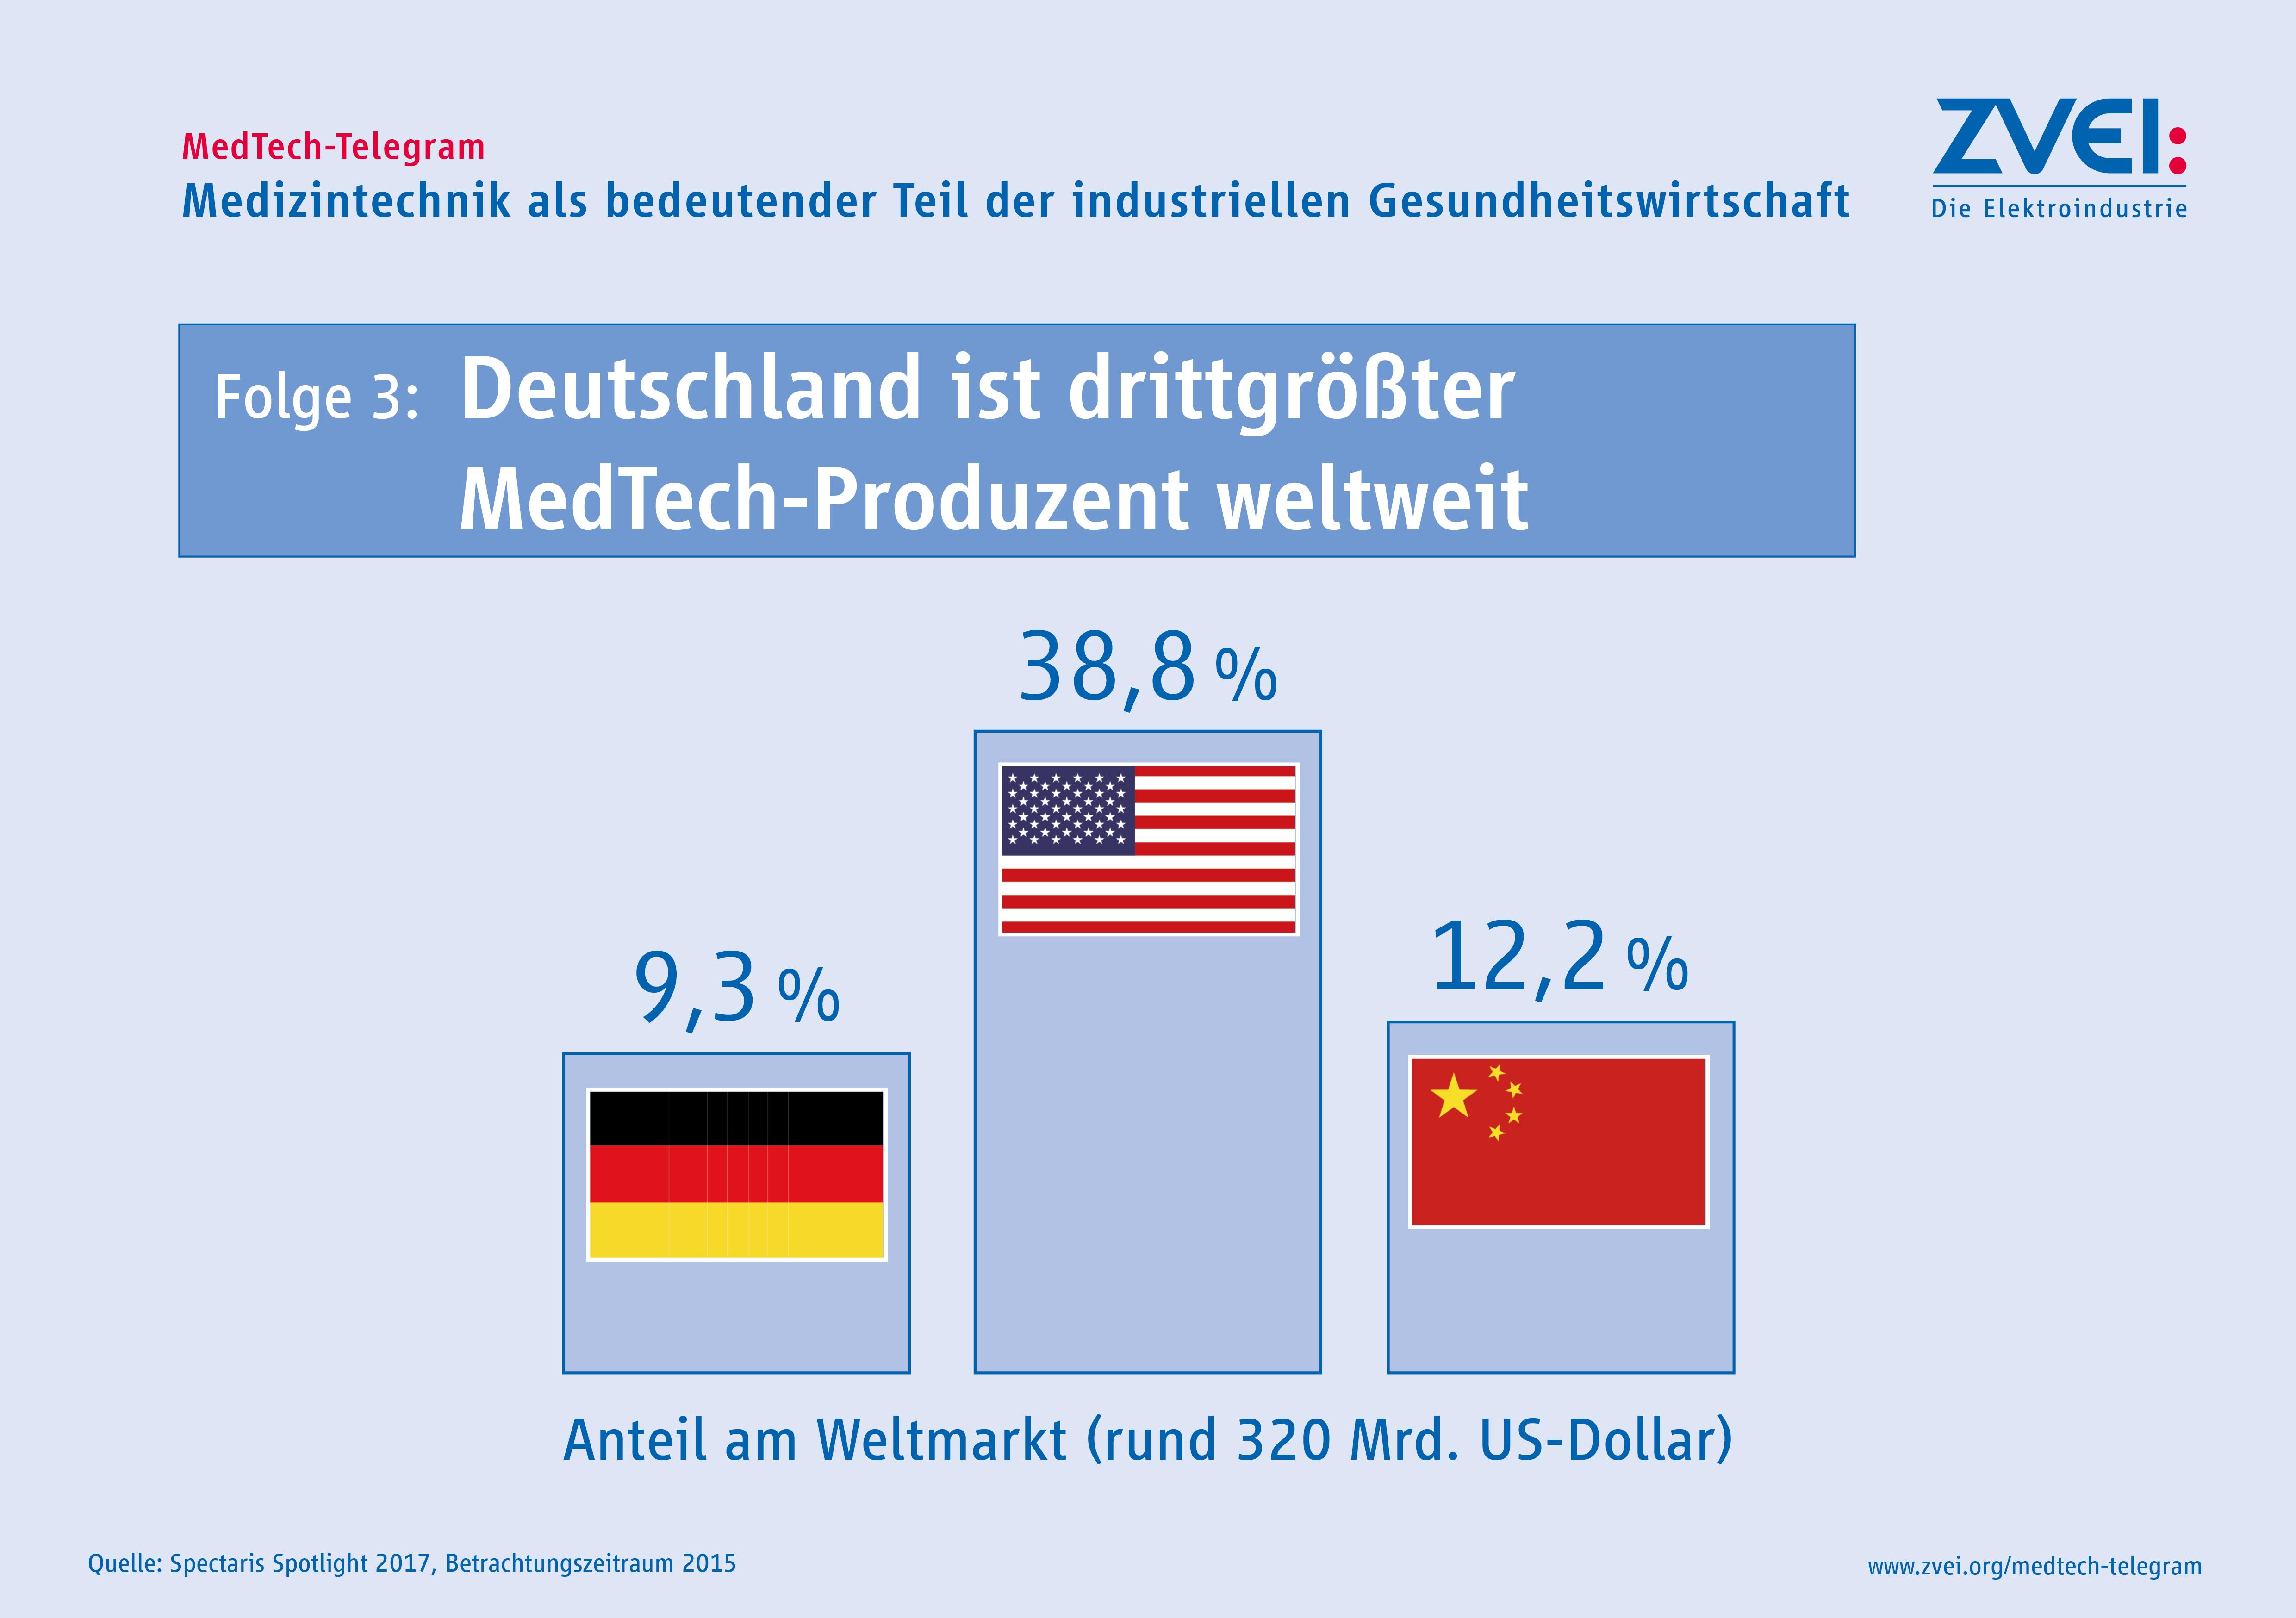 ... MedTech-Telegram - Folge 3: Weltmarkt (JPG, 2,3 MB) ...